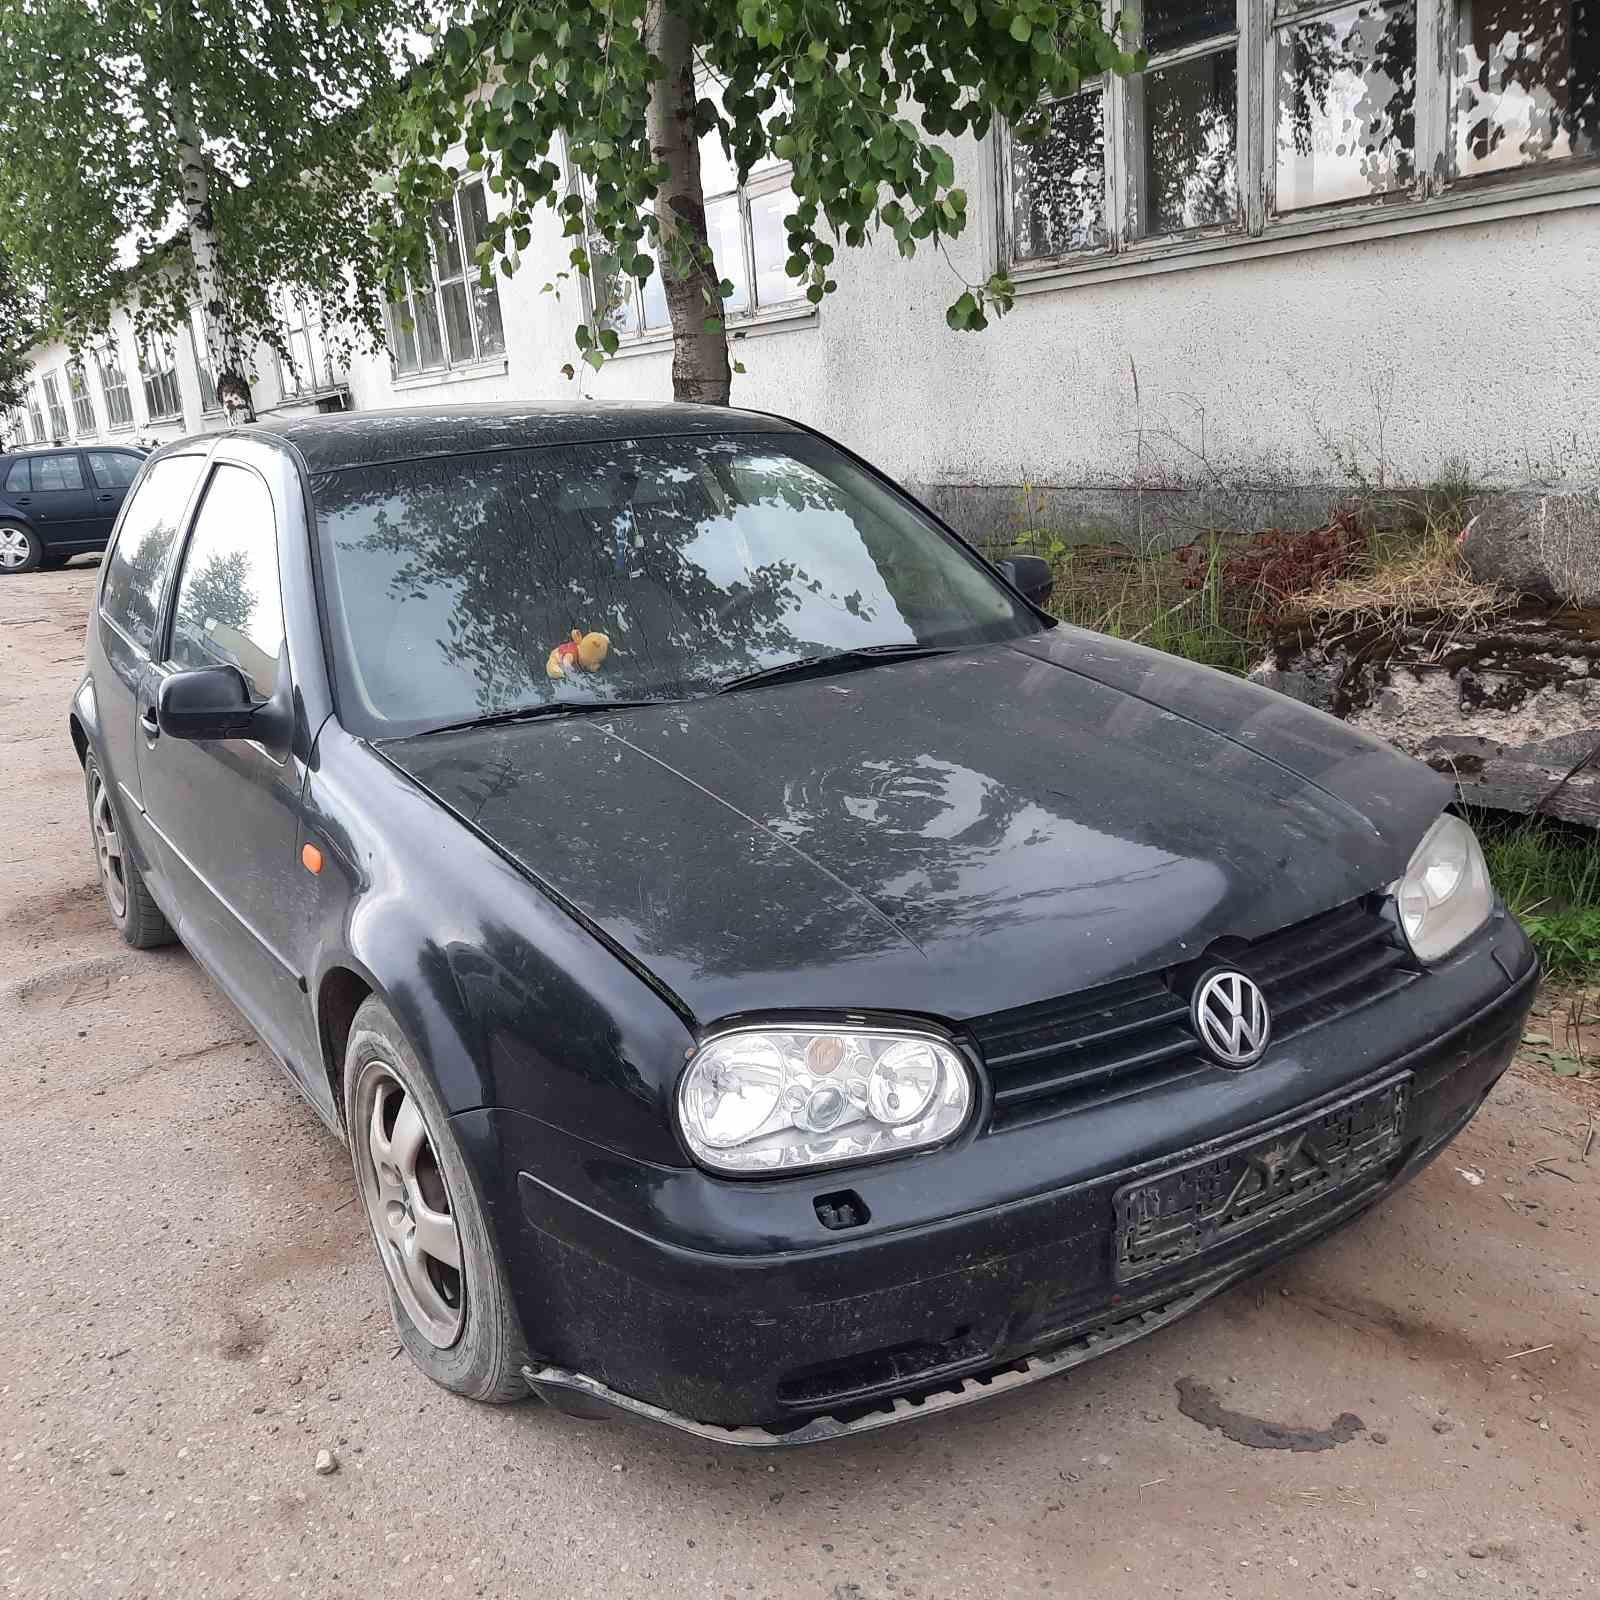 Подержанные Автозапчасти Volkswagen GOLF 1998 1.6 машиностроение хэтчбэк 2/3 d. черный 2021-7-23